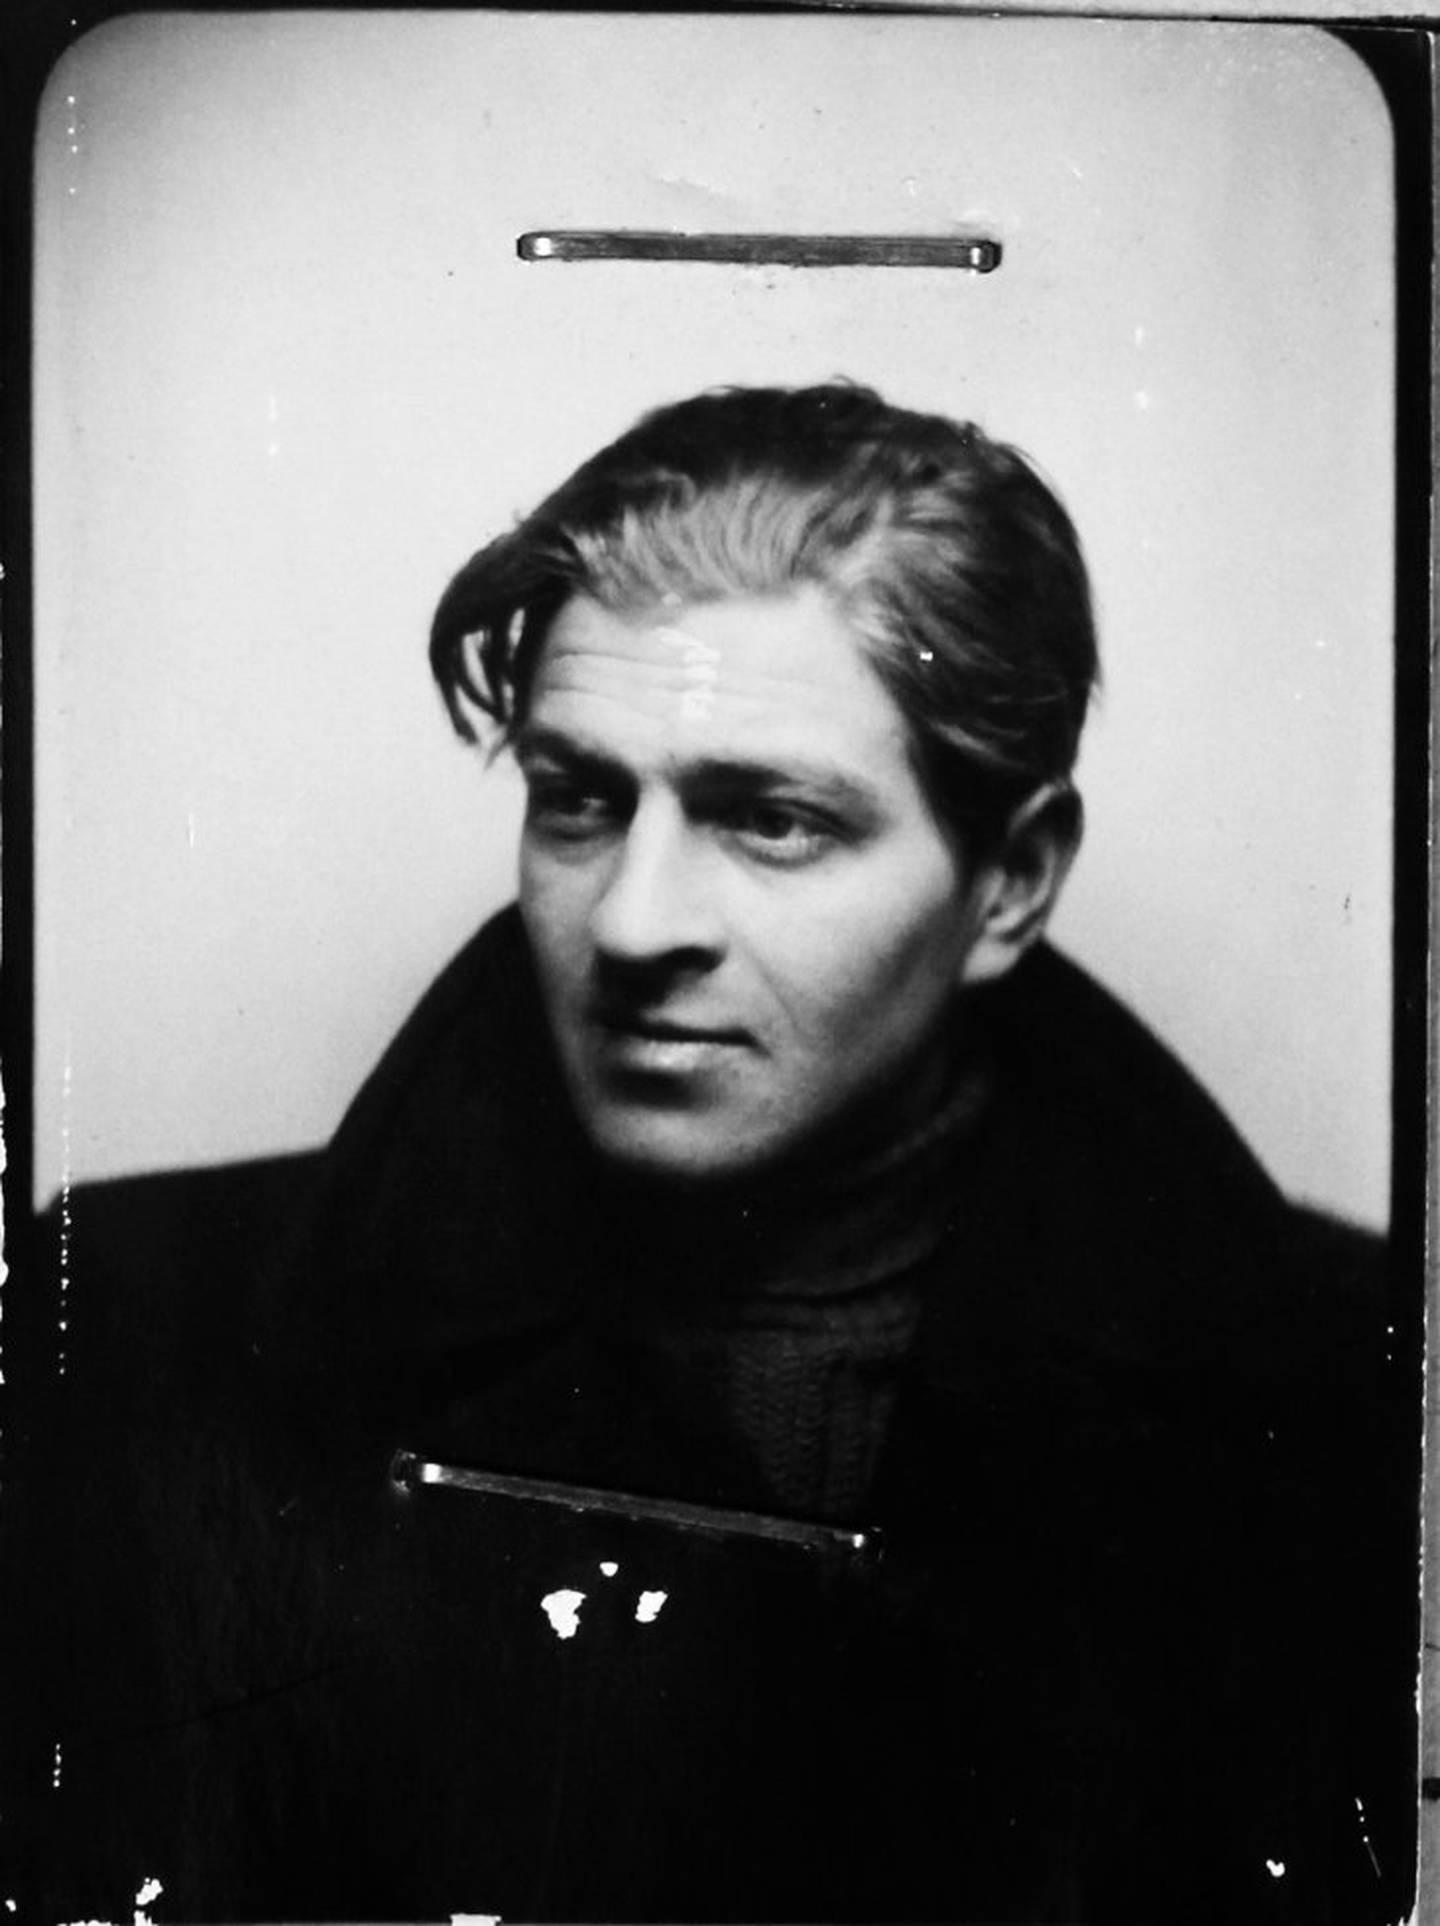 ID-kortet: David Jacob Glikman kom til Oslo som seksåring i 1927, sammen med moren sin, Esther Schuchad, som var syerske av yrke.